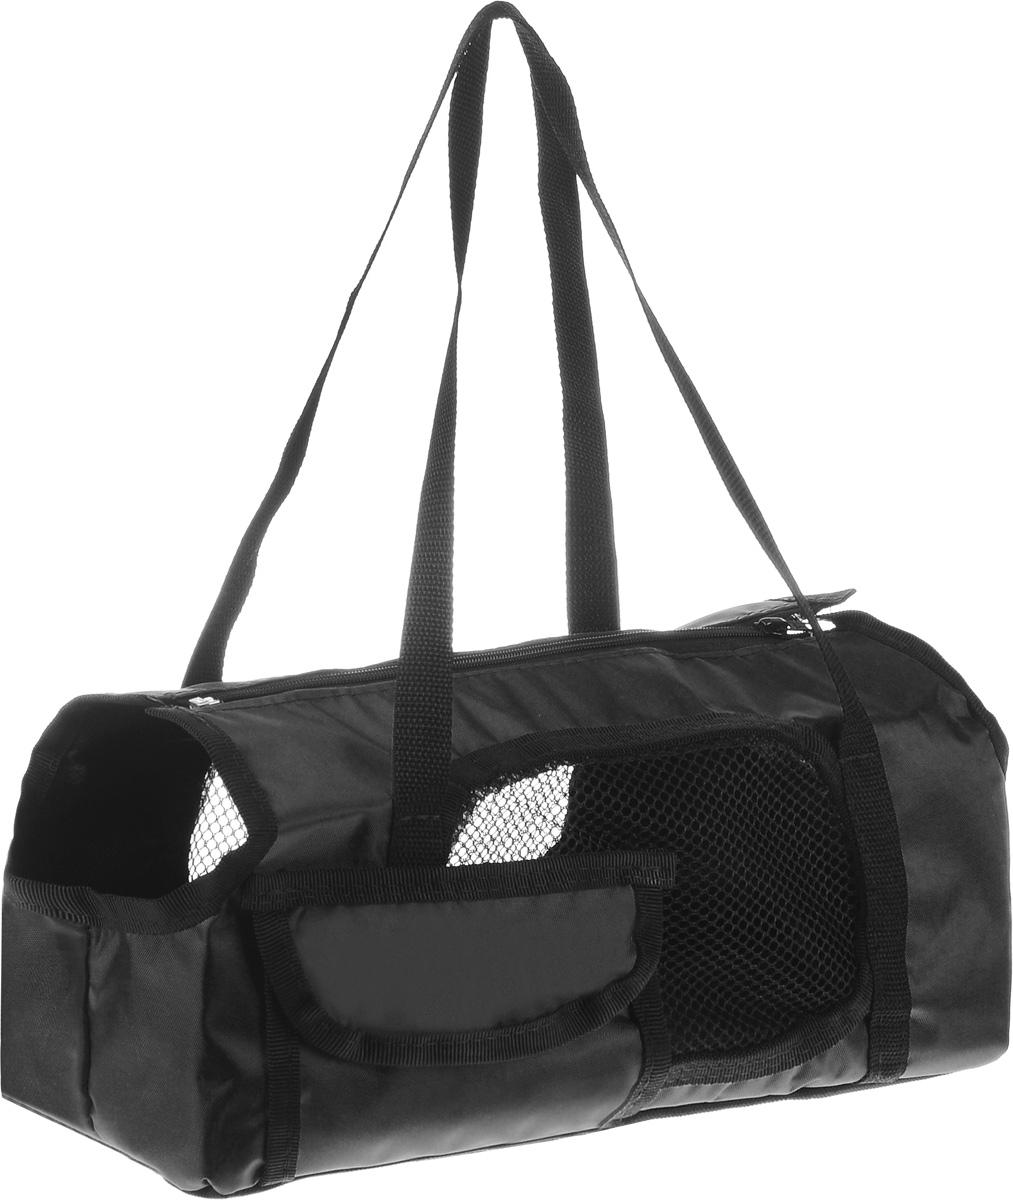 Сумка-переноска для животных Elite Valley Батискаф, с отверстием для головы, цвет: черный, 37 х 14 х 16 смС-57_черныйТекстильная сумка Elite Valley Батискаф предназначена для собак мелких пород и кошек. Изделие закрывается на застежку- молнию. Для удобной переноски предусмотрены ручки. С внешней стороны имеется один небольшой карман. Также сумка оснащена отверстиями для головы и хвоста животного. По бокам расположены вставки из сетчатой ткани. Дно уплотнено твердой съемной вставкой. Сумка-переноска Elite Valley Батискаф обязательно понравится вашему домашнему любимцу.